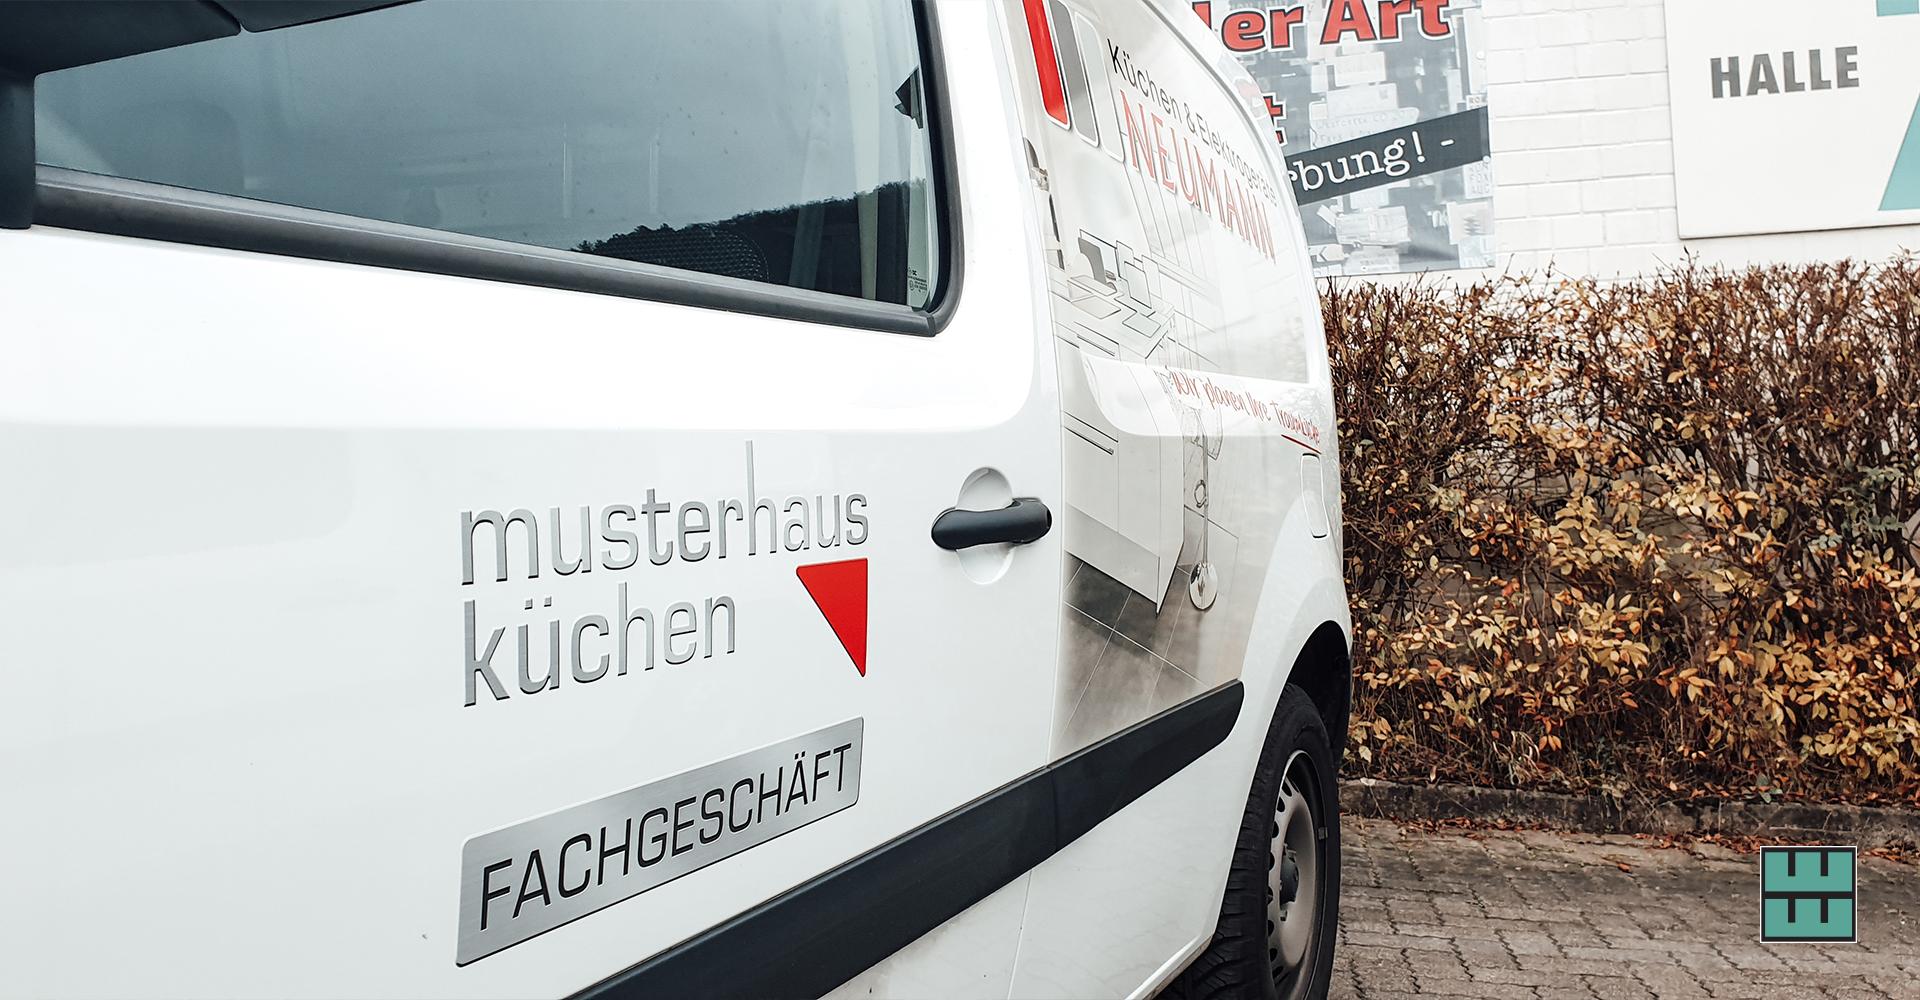 Vor kurzem wurde Küchen- und Elektrogeräte Neumann in das Filialnetz von Noack übernommen. Daher wurden sämtliche Autos aus dem Fuhrpark neu beklebt.